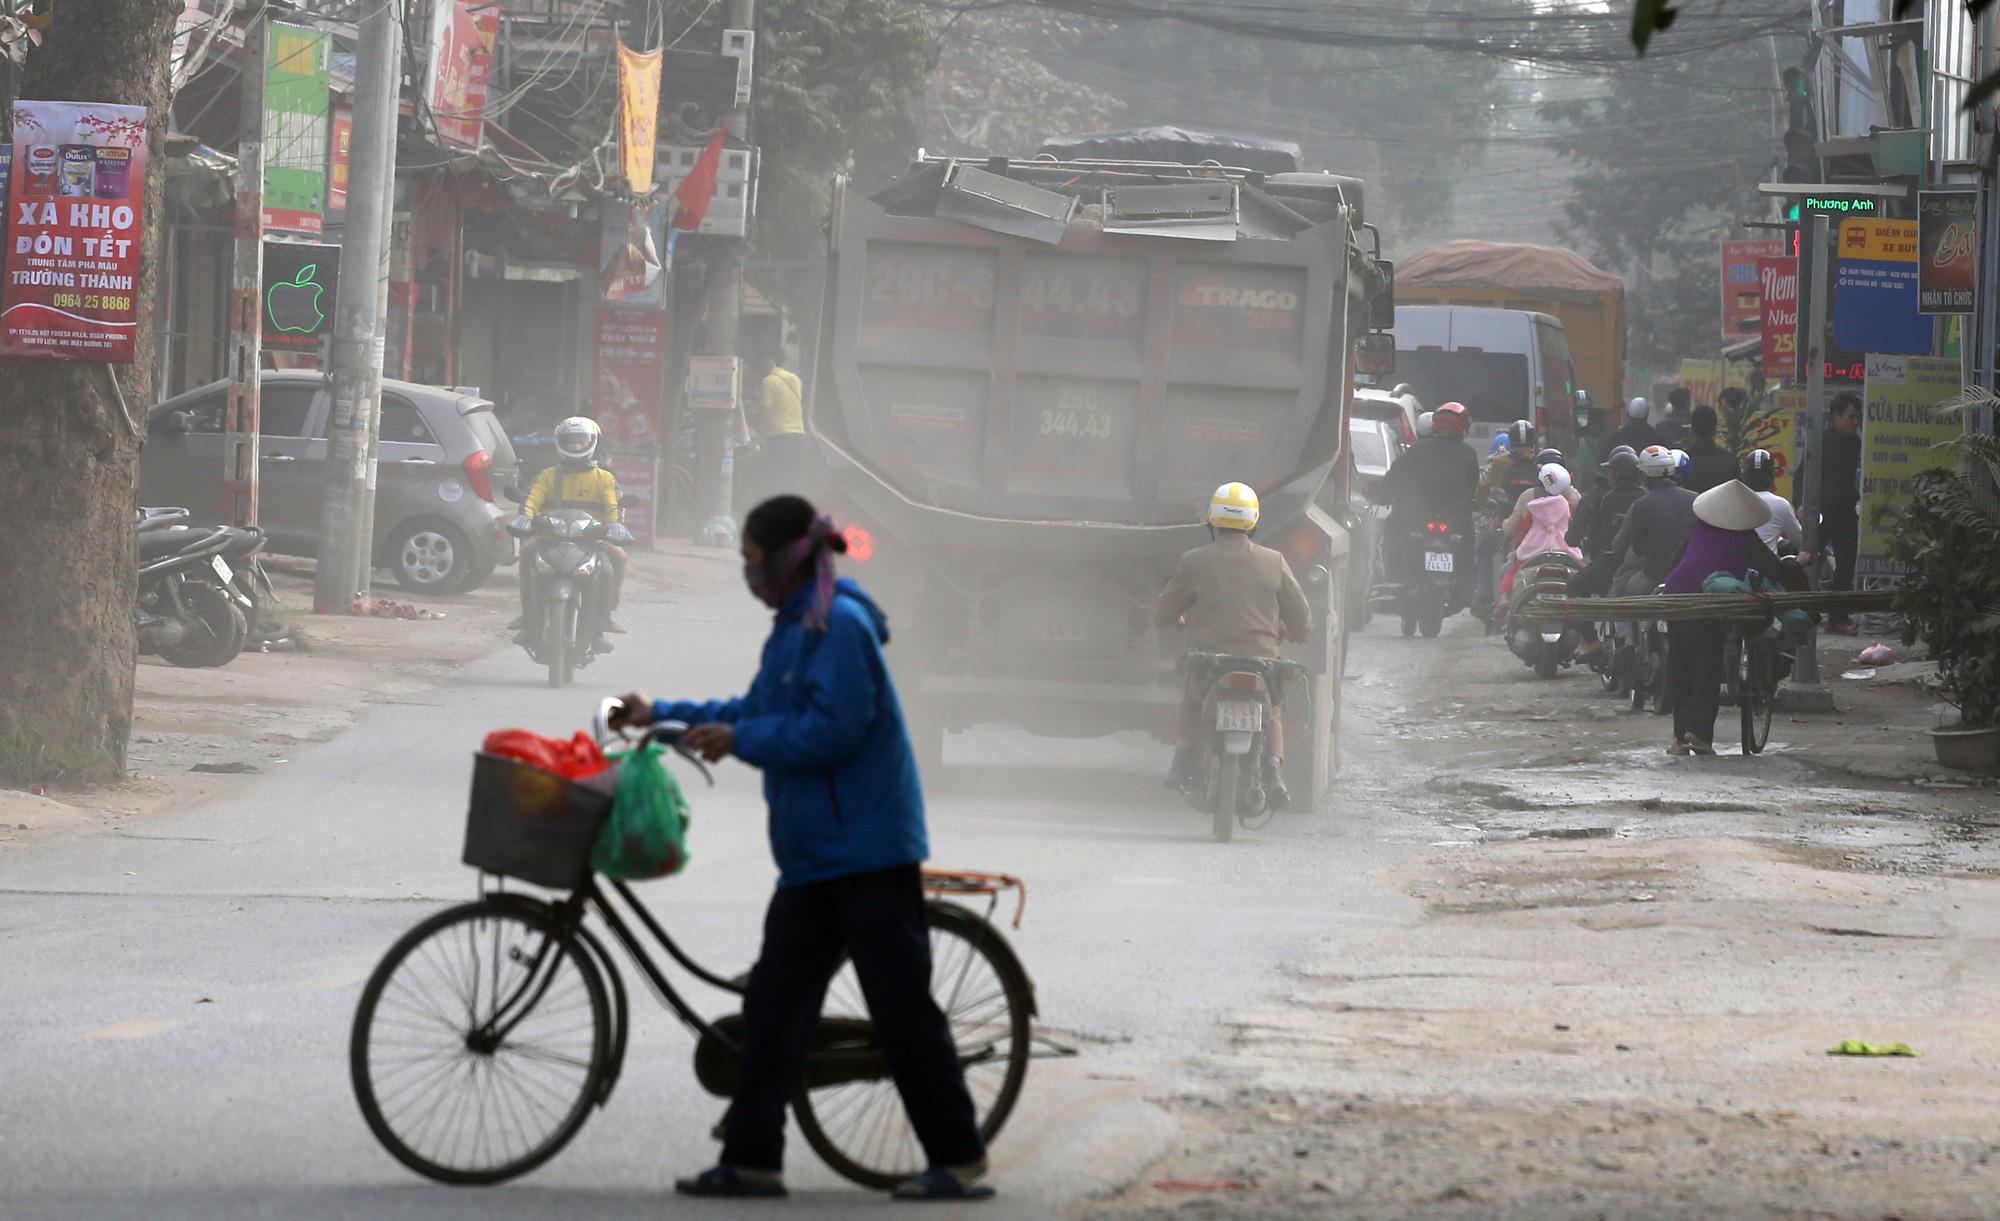 Hà Nội ô nhiễm không khí, người dân thêm khổ khi hít bụi mù mịt trên đường 70 đoạn Nhổn - Hà Đông - Ảnh 8.